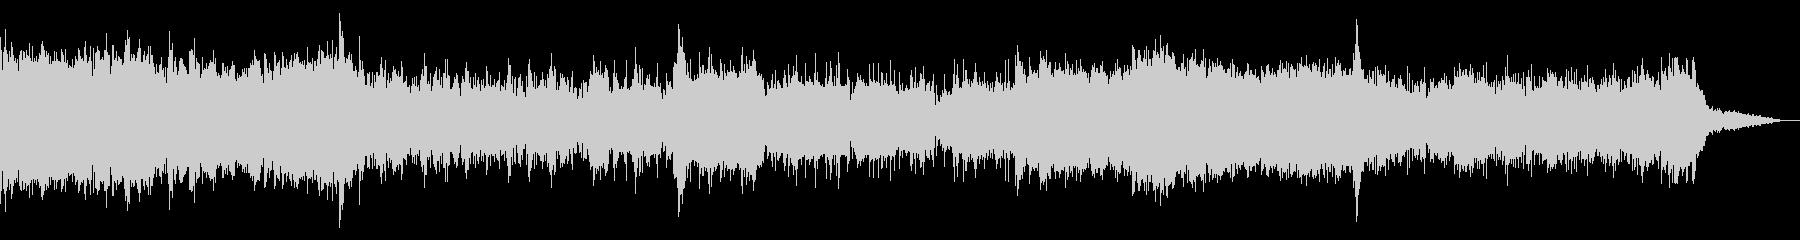 グリッジの効いたシネマティックIDMの未再生の波形